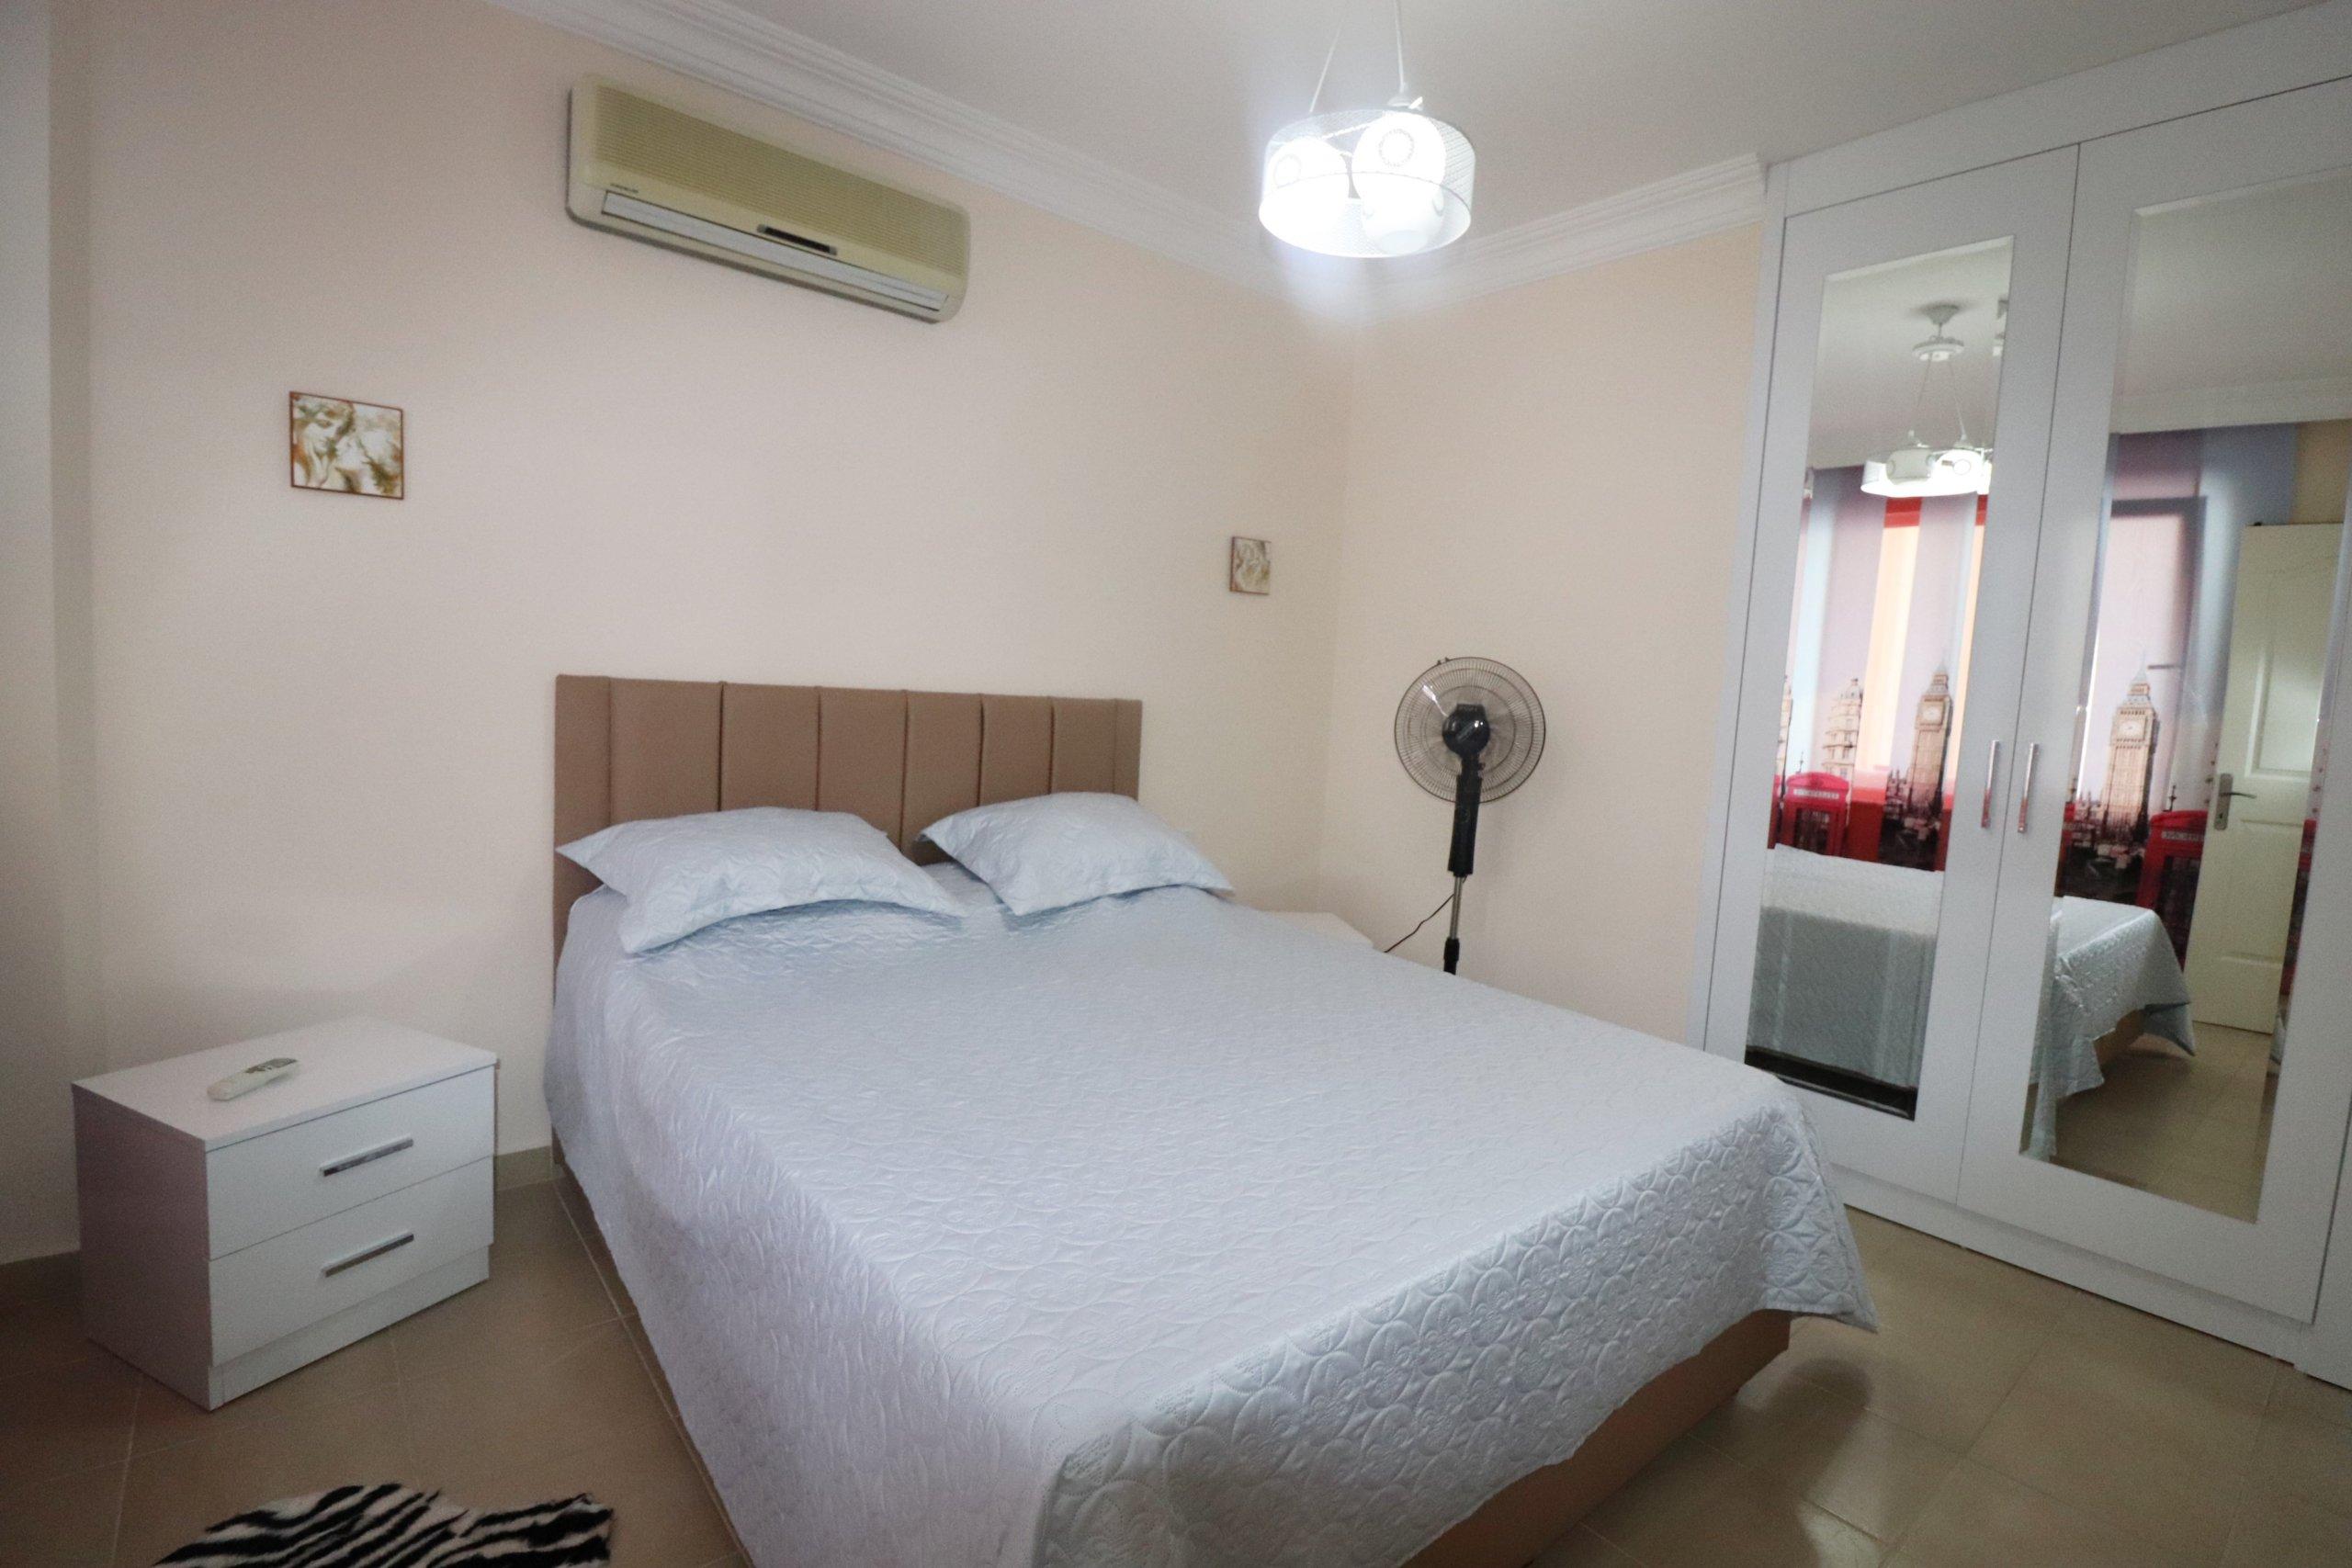 Двухкомнатная квартира для отдыха в самом центре города Алании